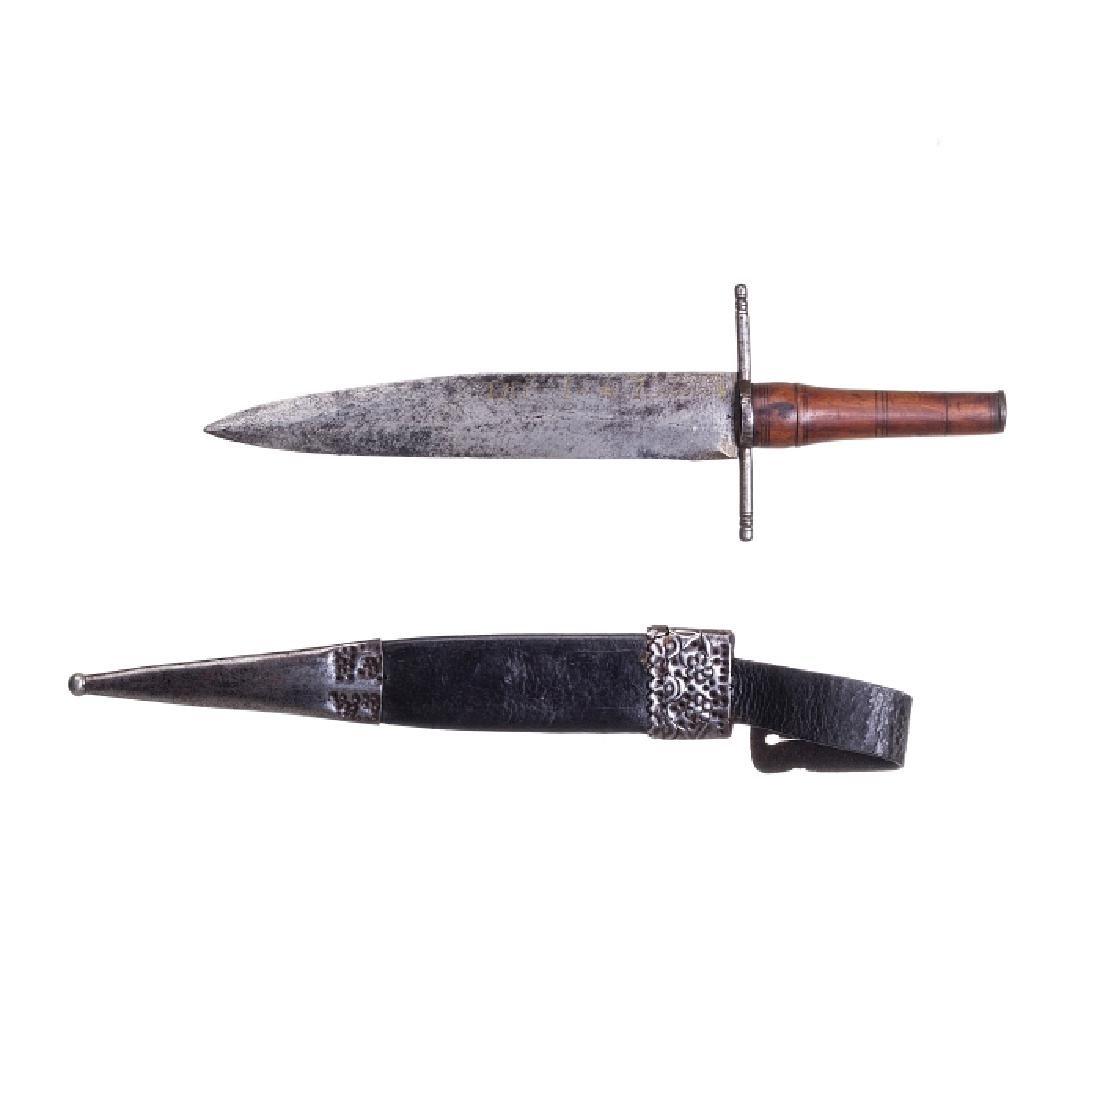 Spanish socket bayonet